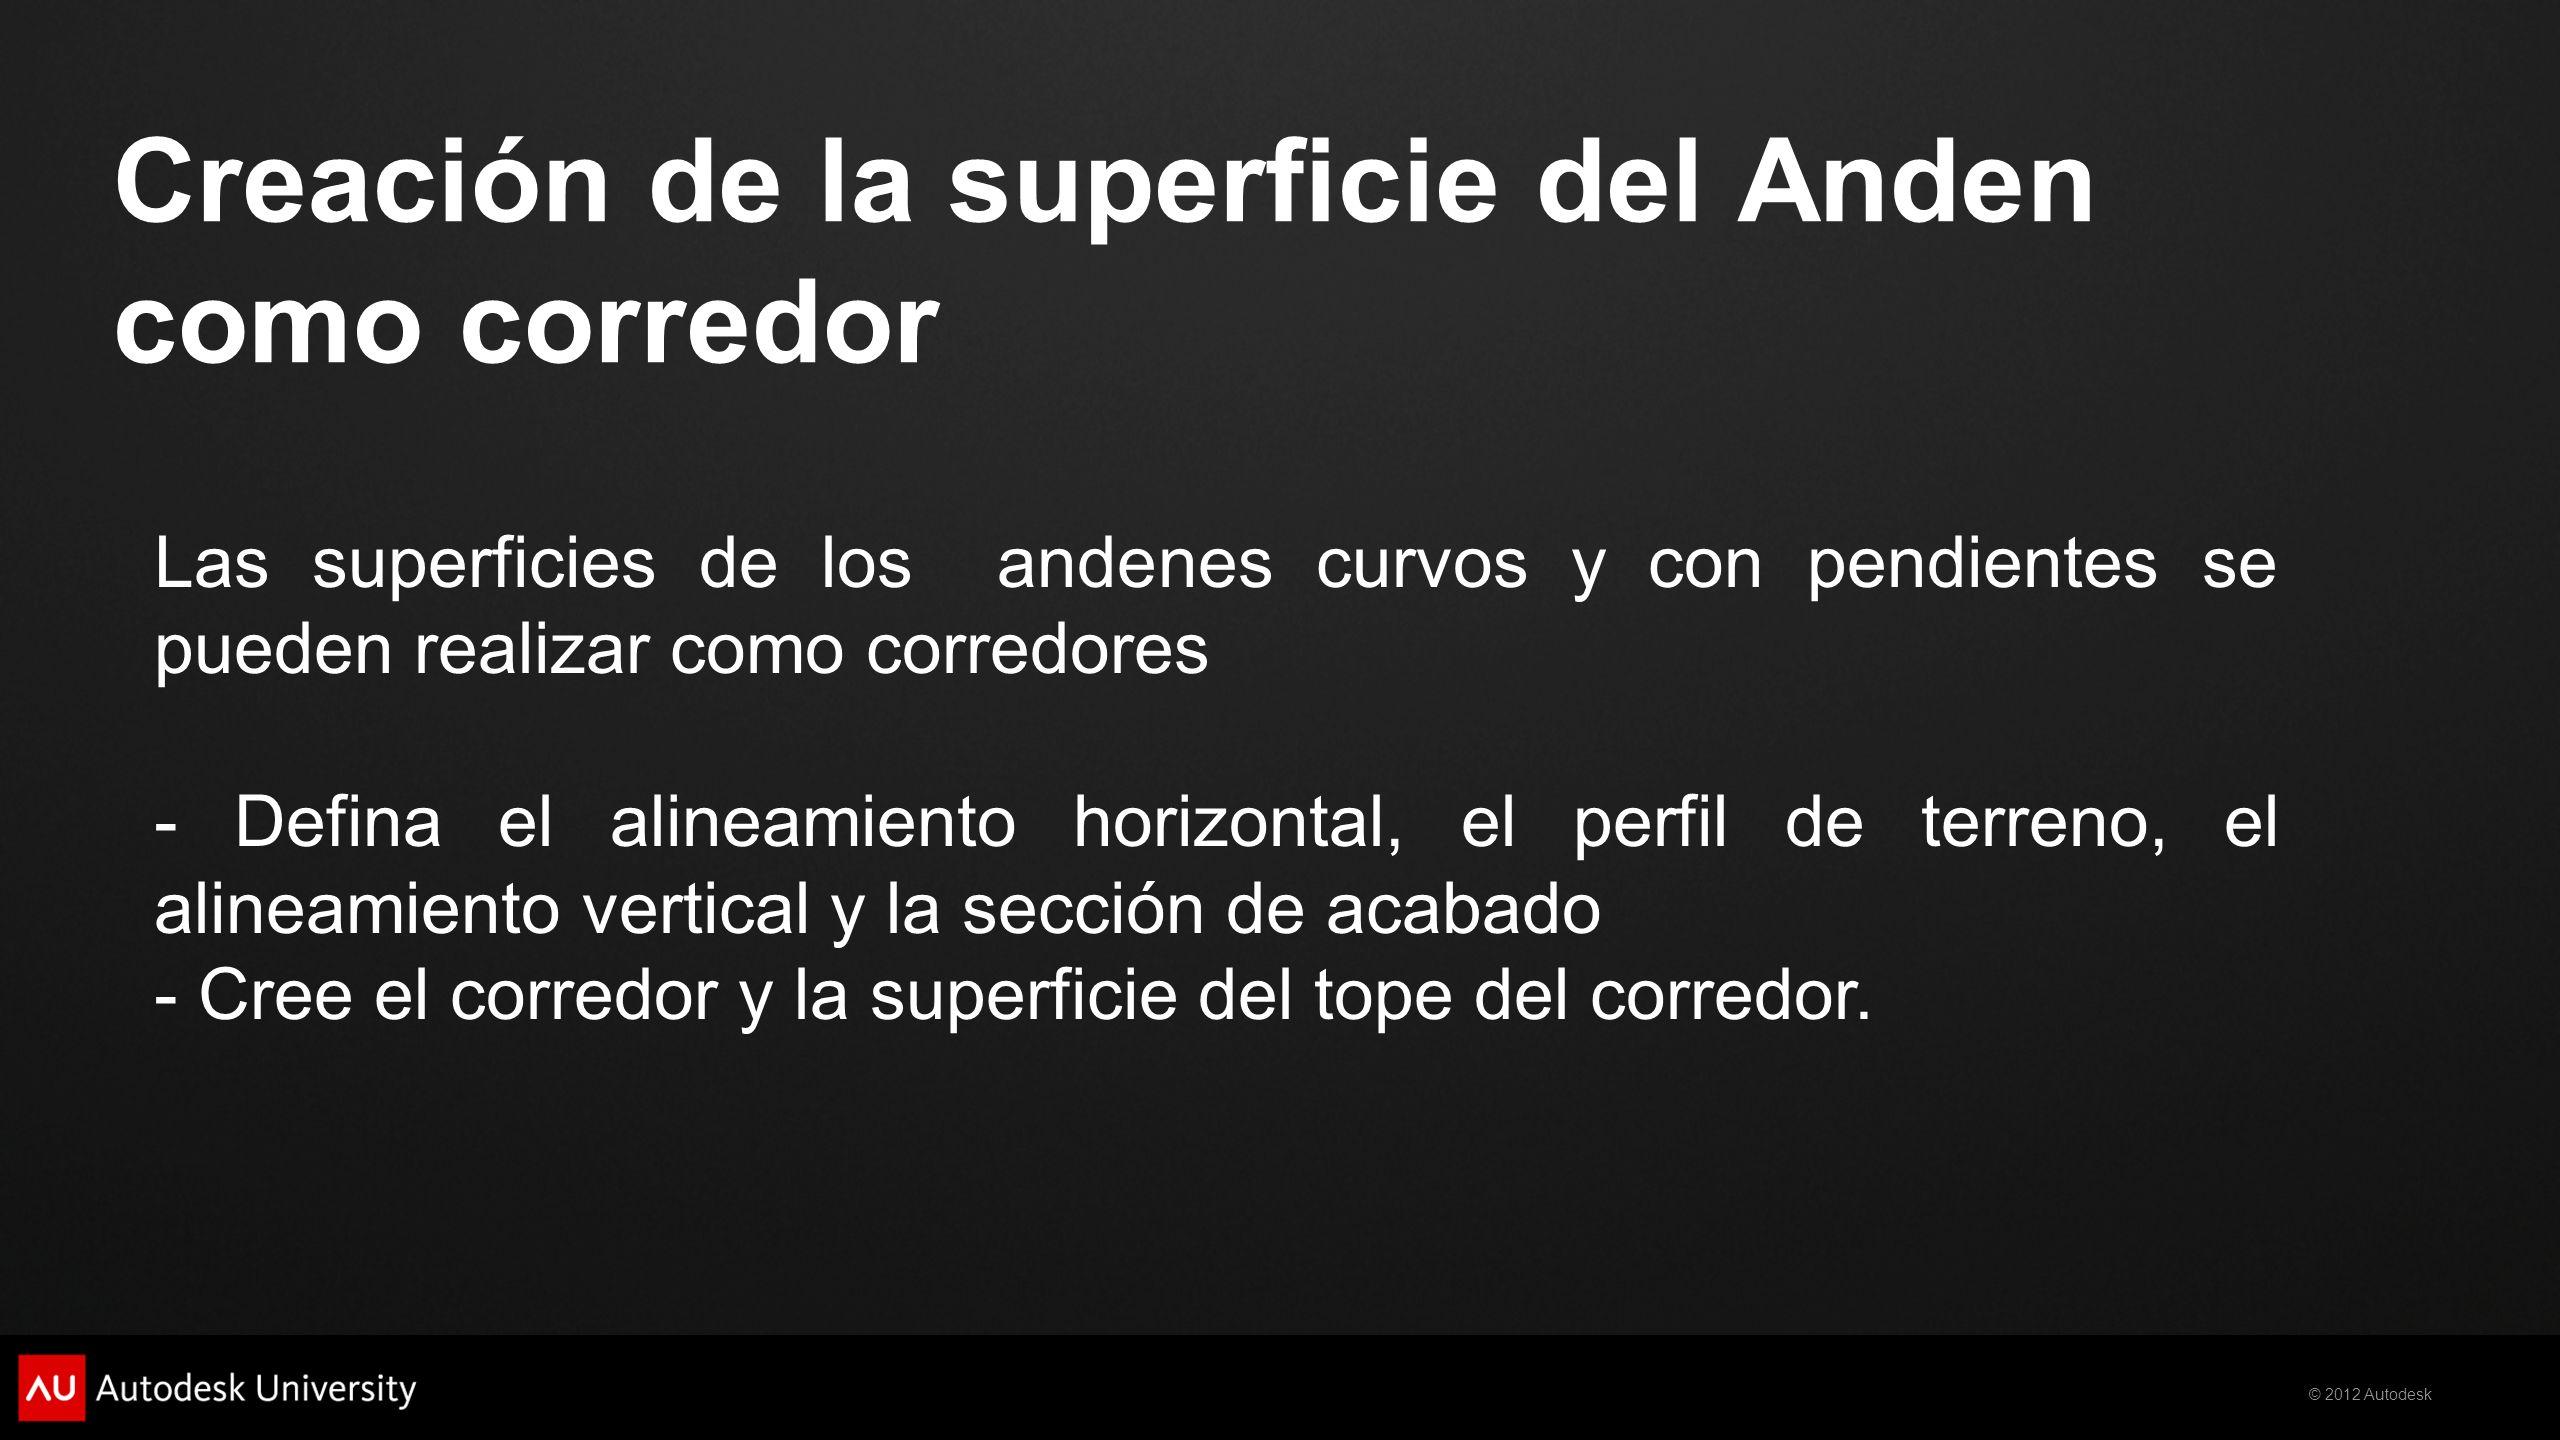 Creación de la superficie del Anden como corredor